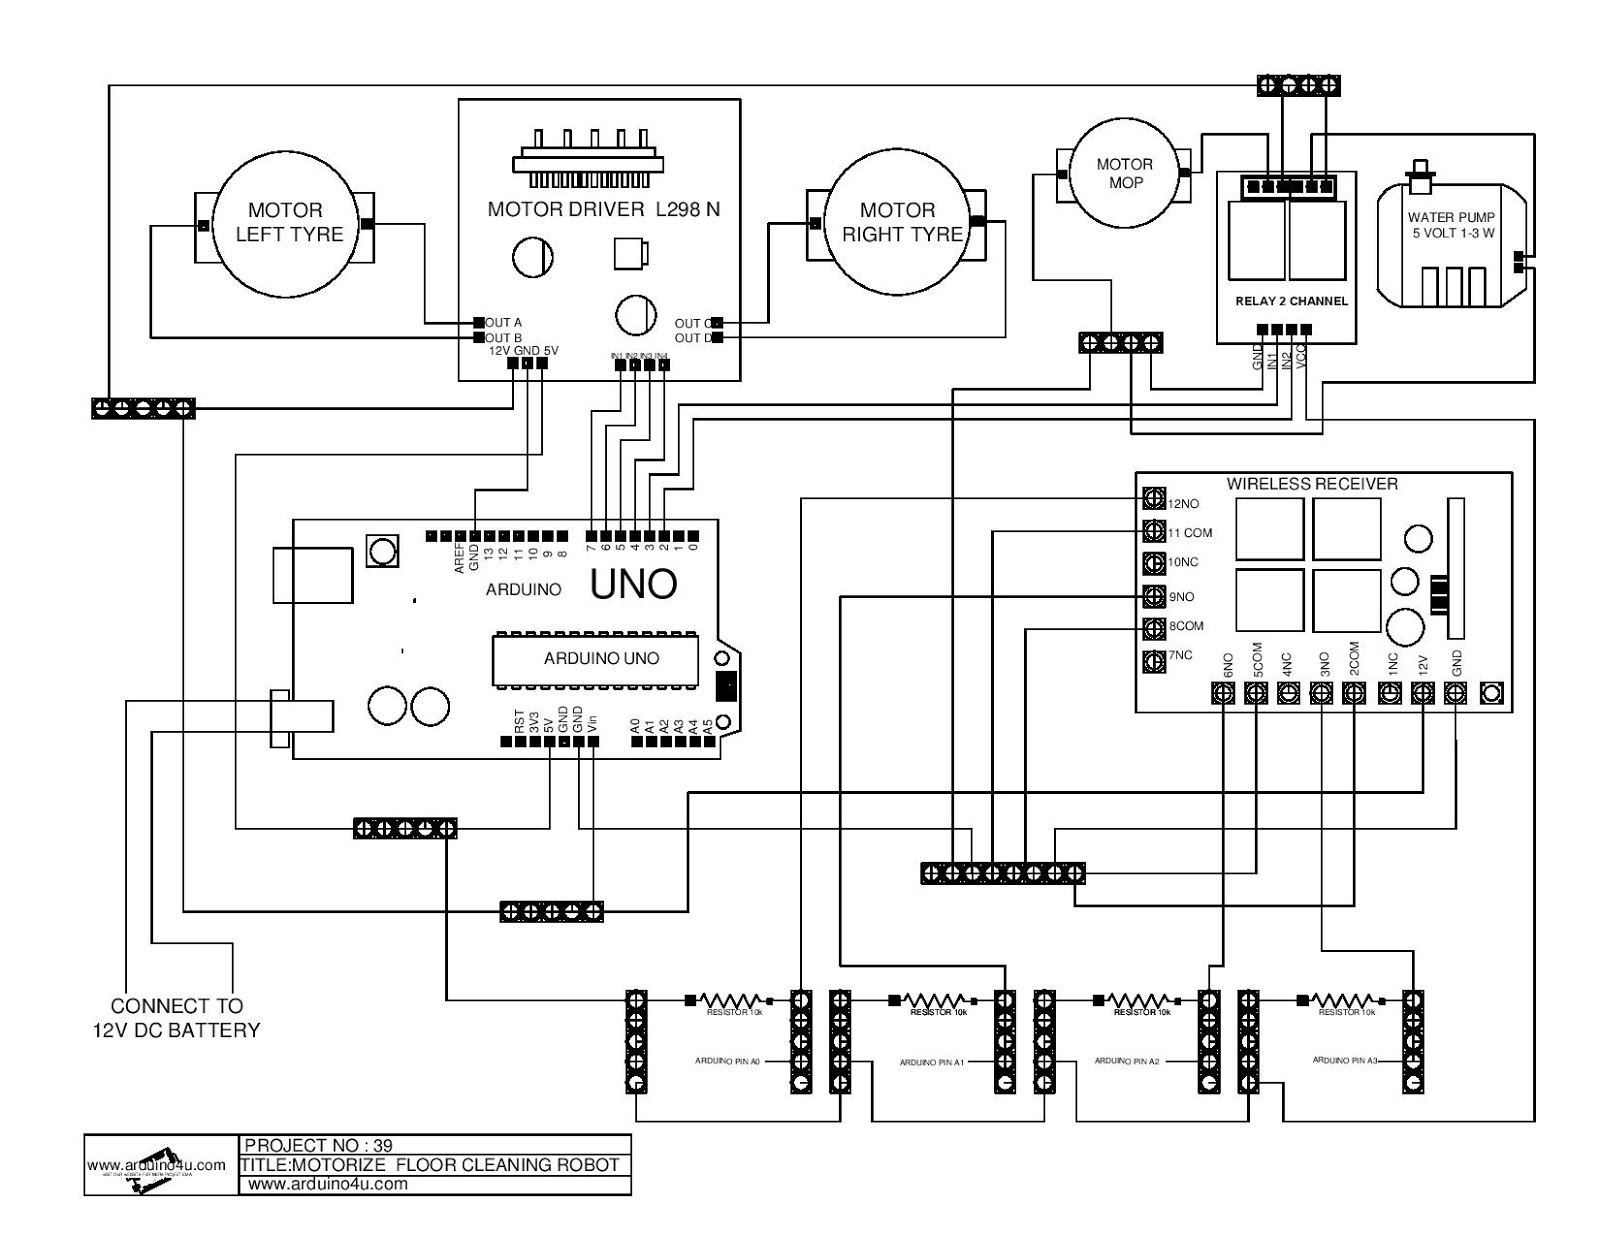 small resolution of klik disini untuk download schematic diagram yg jelas utk print